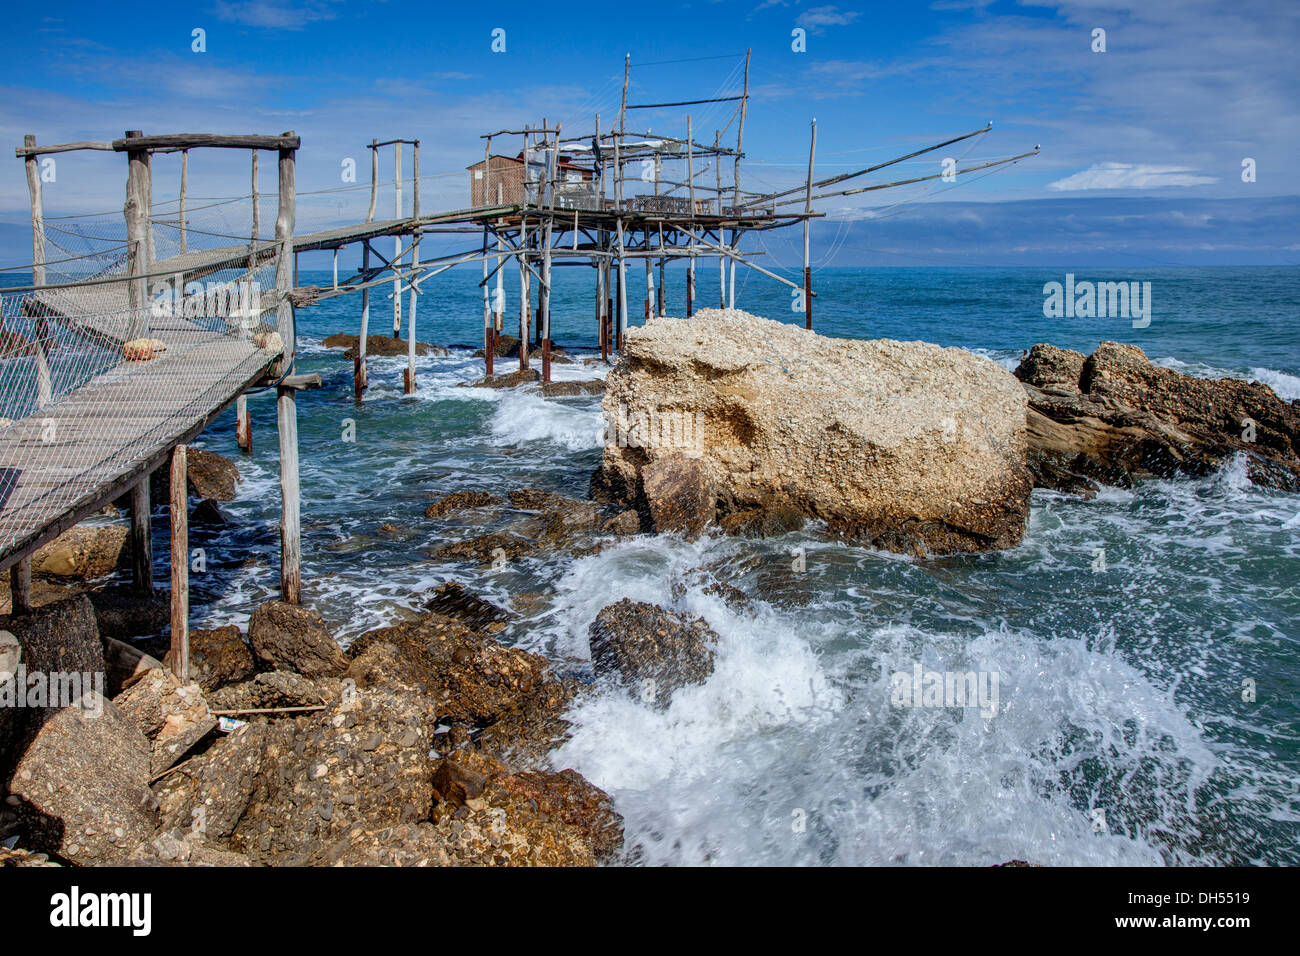 Adriatic Coast Italy, Aburzzo - Stock Image